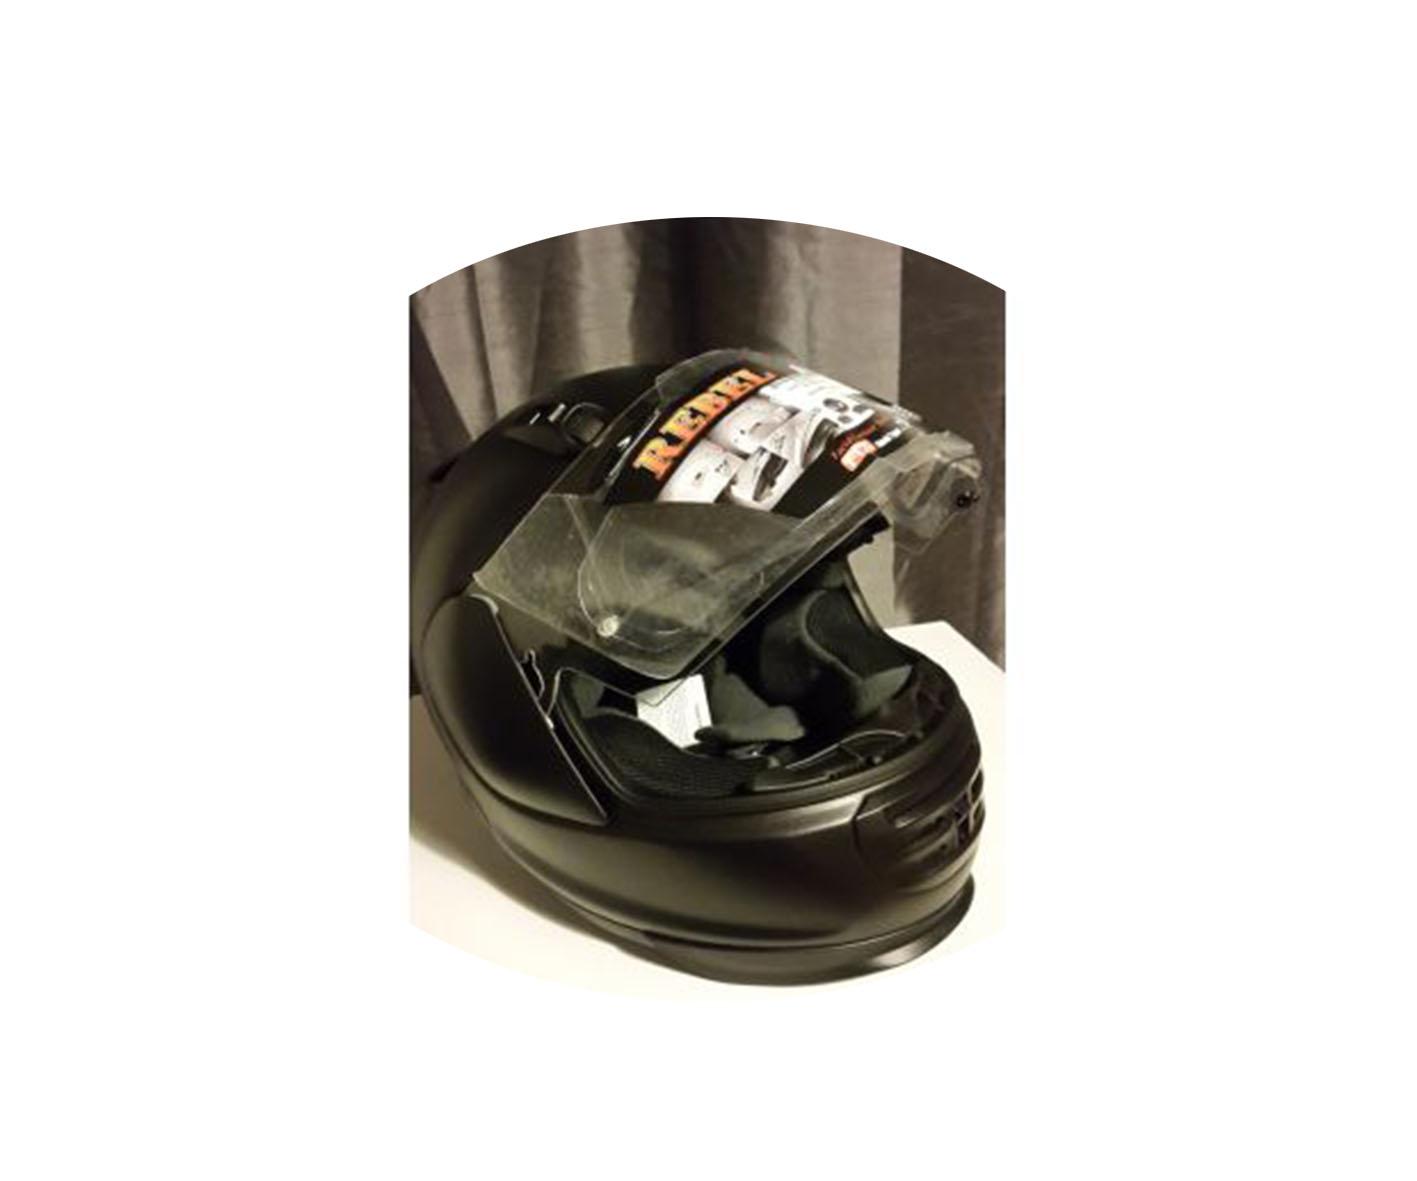 Une casque intégral noir de marque  Arai Rebel